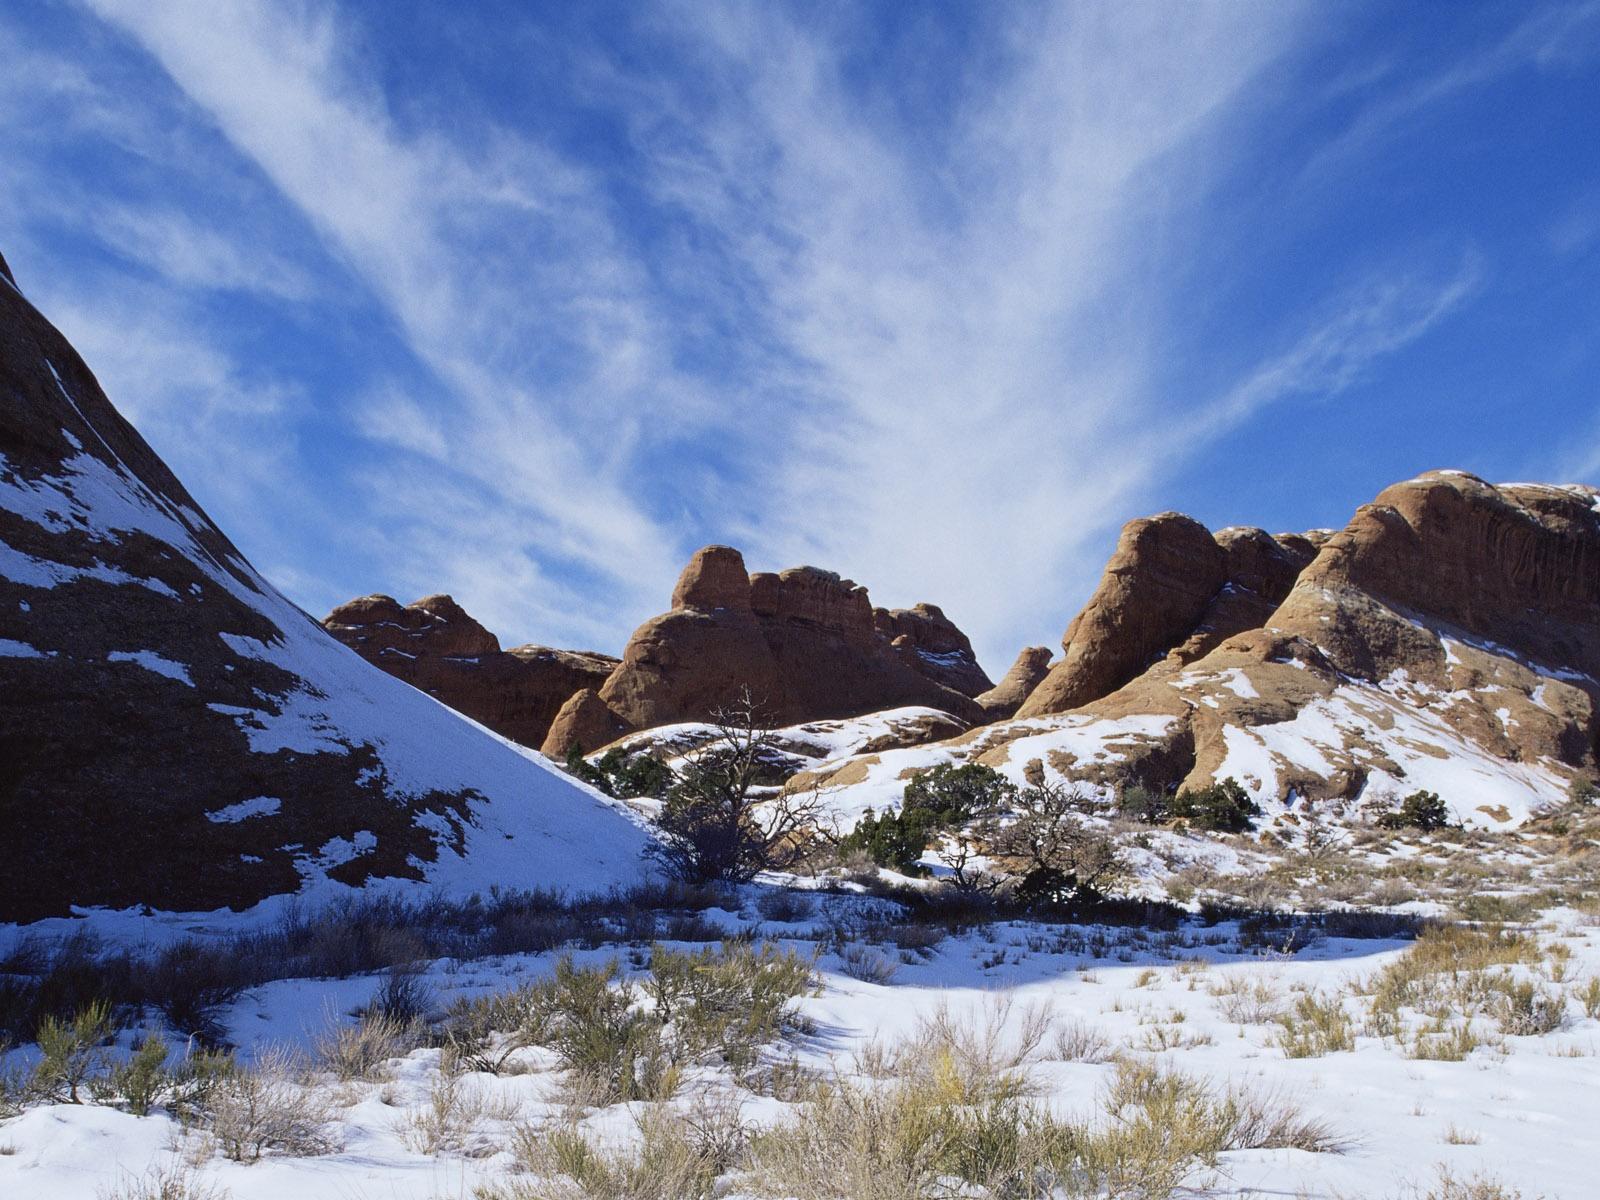 アメリカの風景、冬の雪に覆われた山 壁紙 - 1... アメリカの風景、冬の雪に覆われた山 壁紙